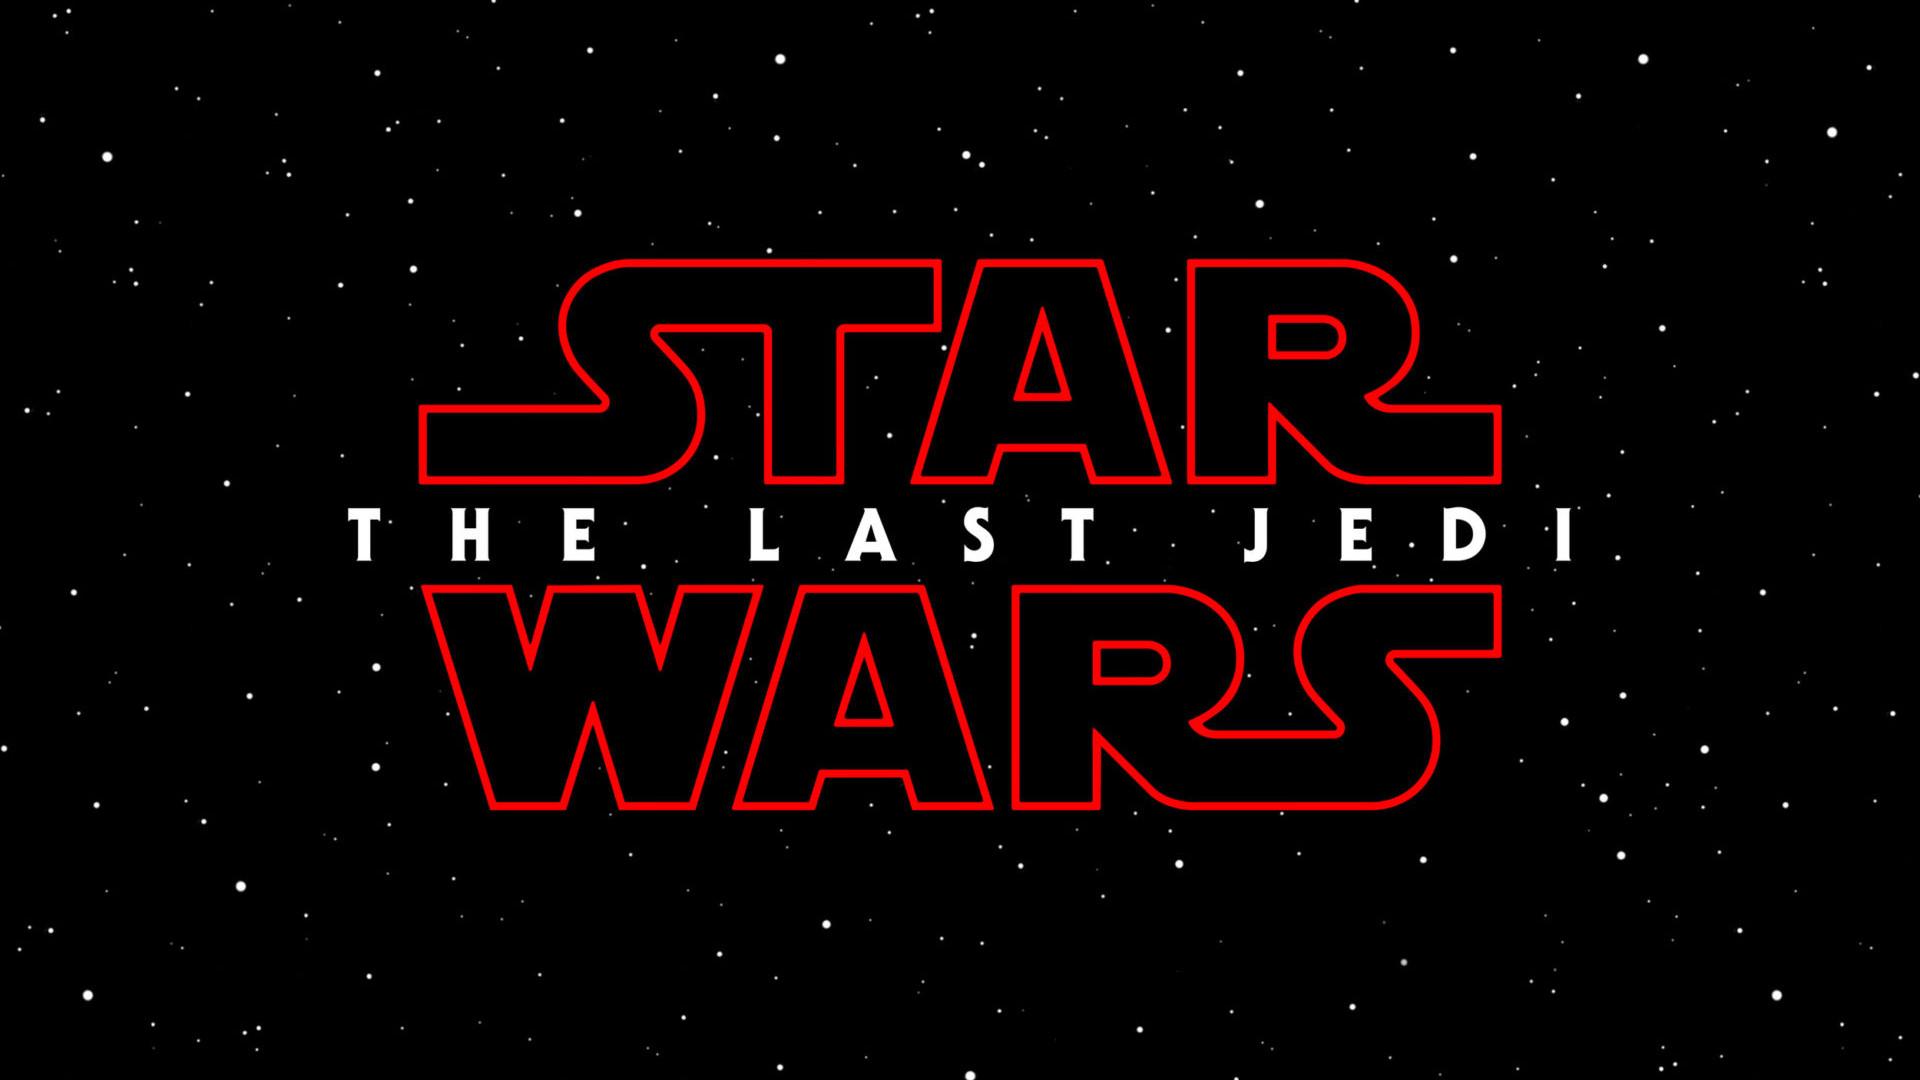 The Last Jedi Wallpaper (i.redd.it)